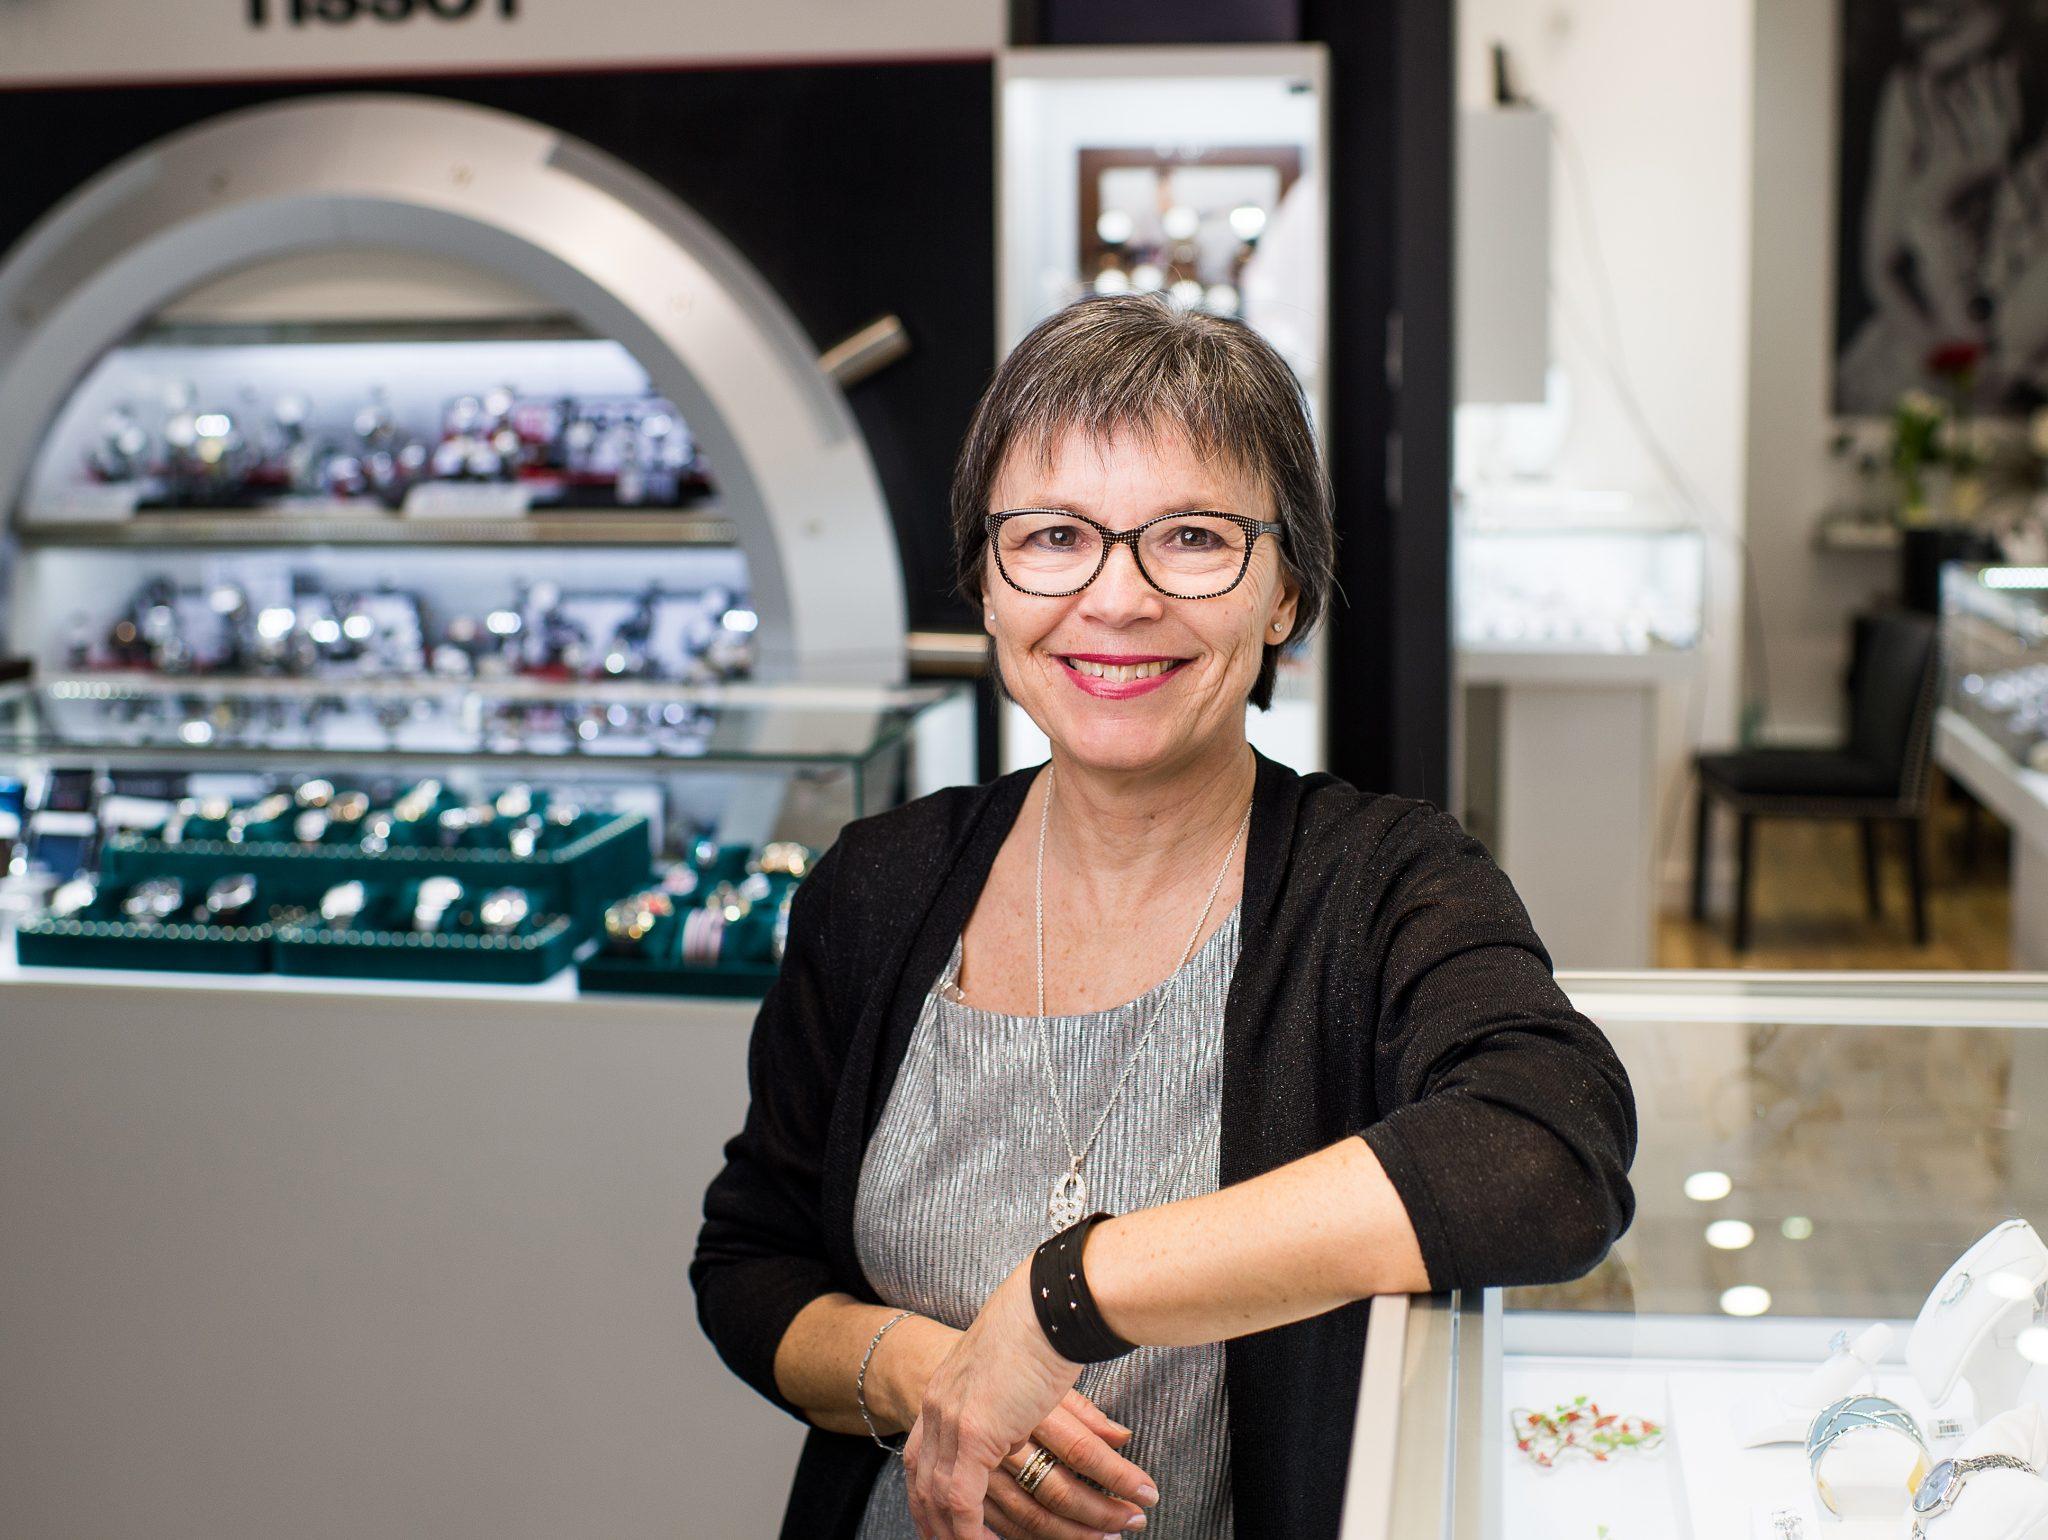 Carole - employée de la Bijouterie Guy Serres